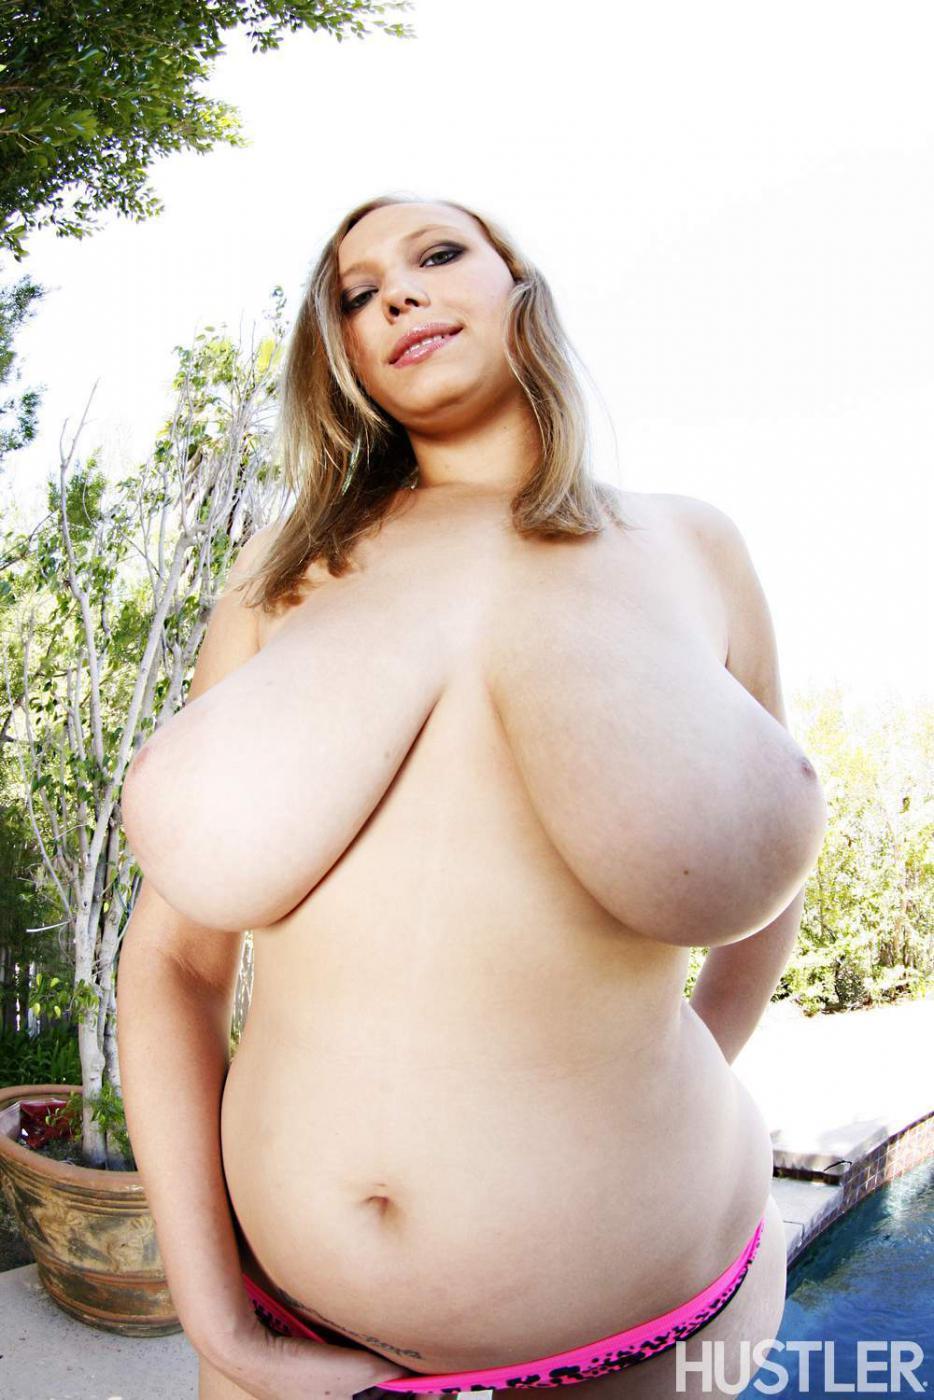 На этих фото можно увидеть красивые, крупные дыньки Alexia Rae, а потом посмотреть на ее оральный секс